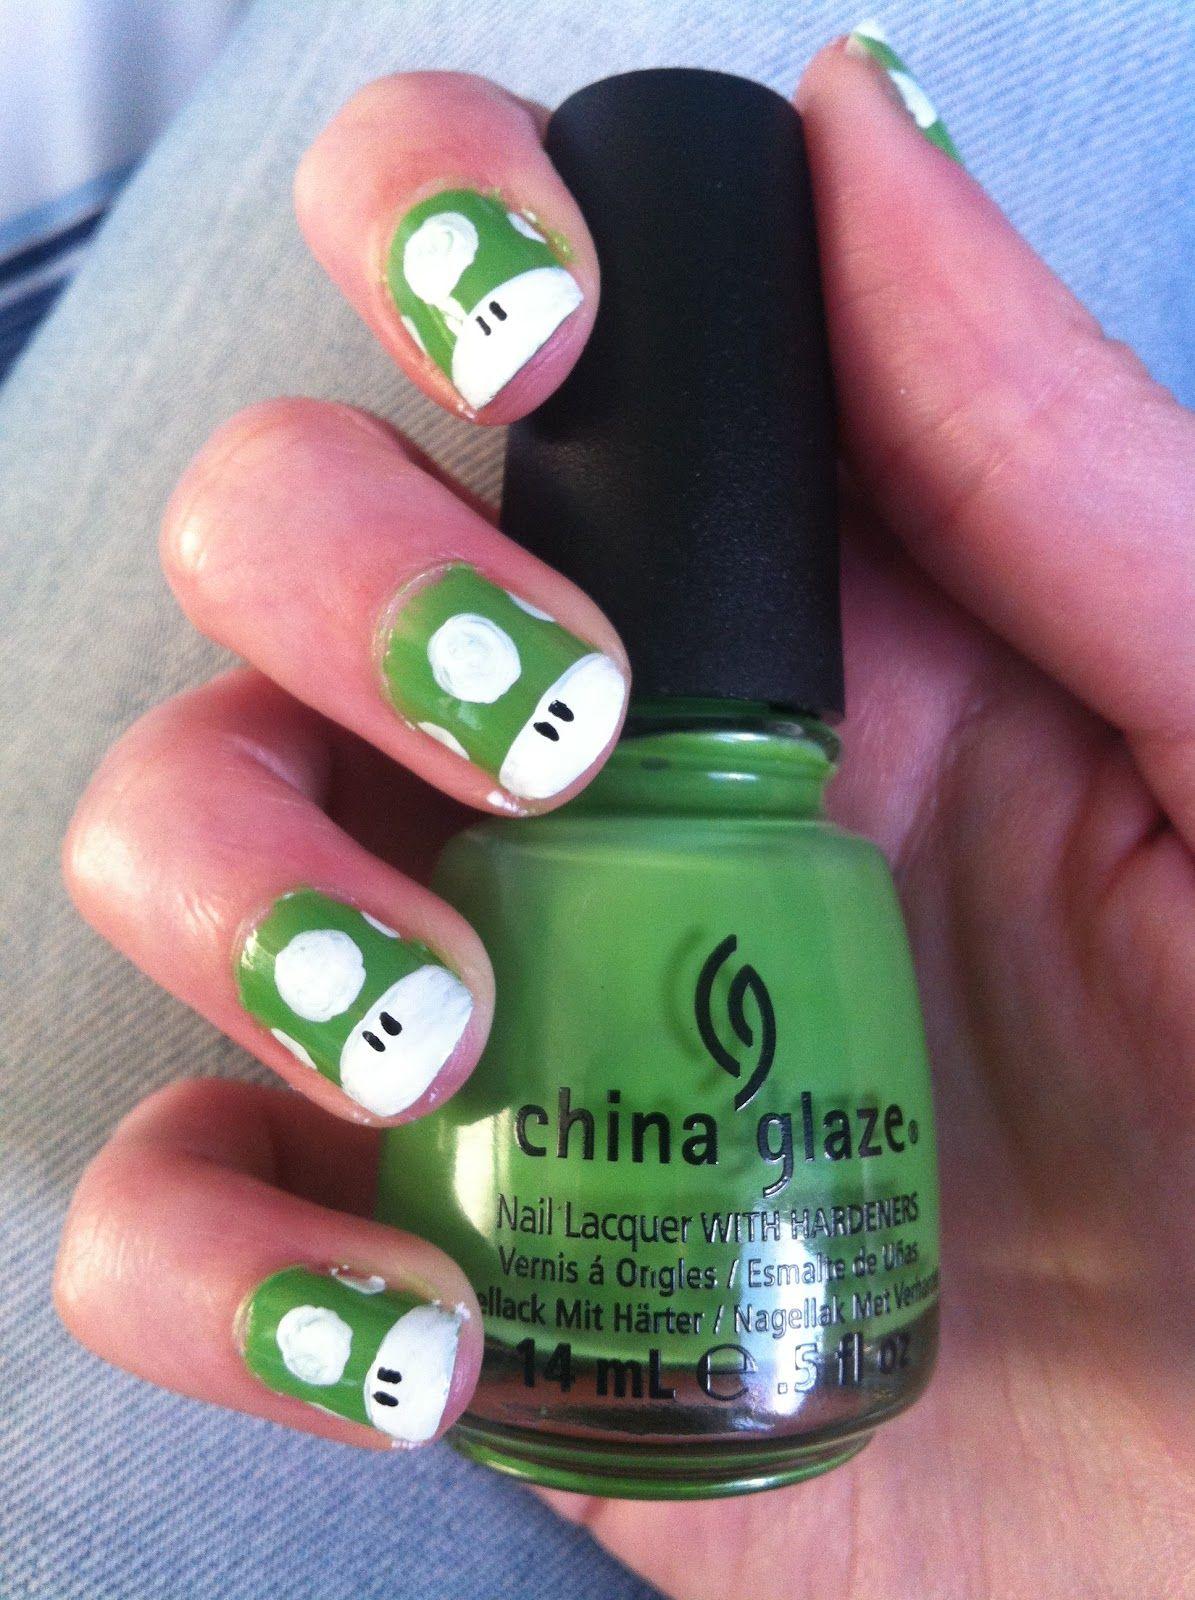 Green+1up+mario+nail+art.JPG (1195×1600) | Nail art | Pinterest ...